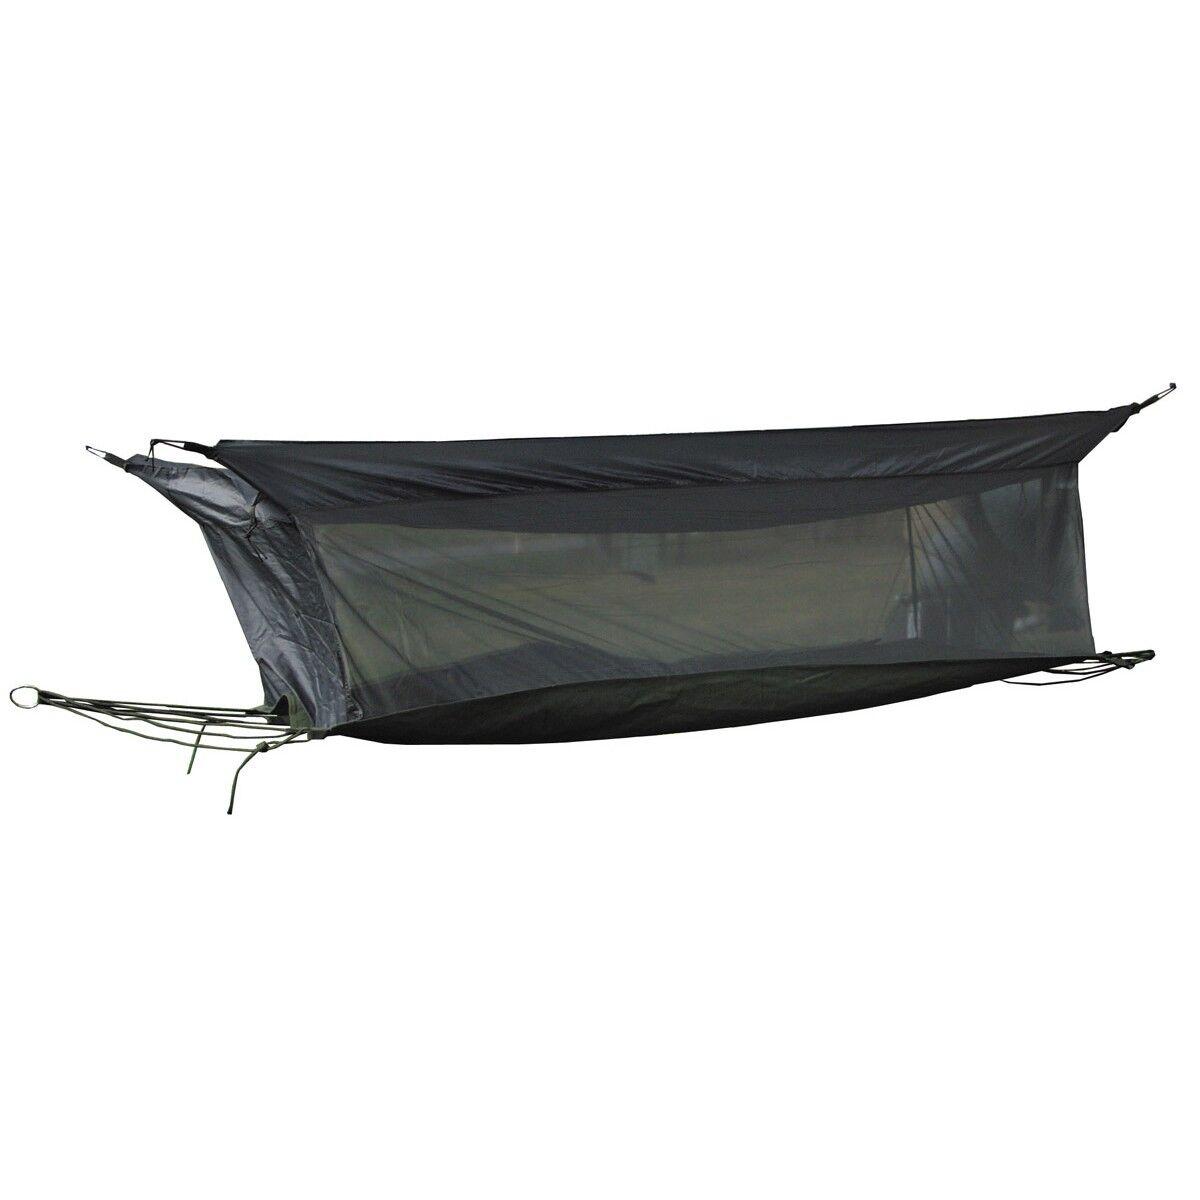 MFH Tenda Amaca militare esercito con zanzariera campeggio viaggi Verde